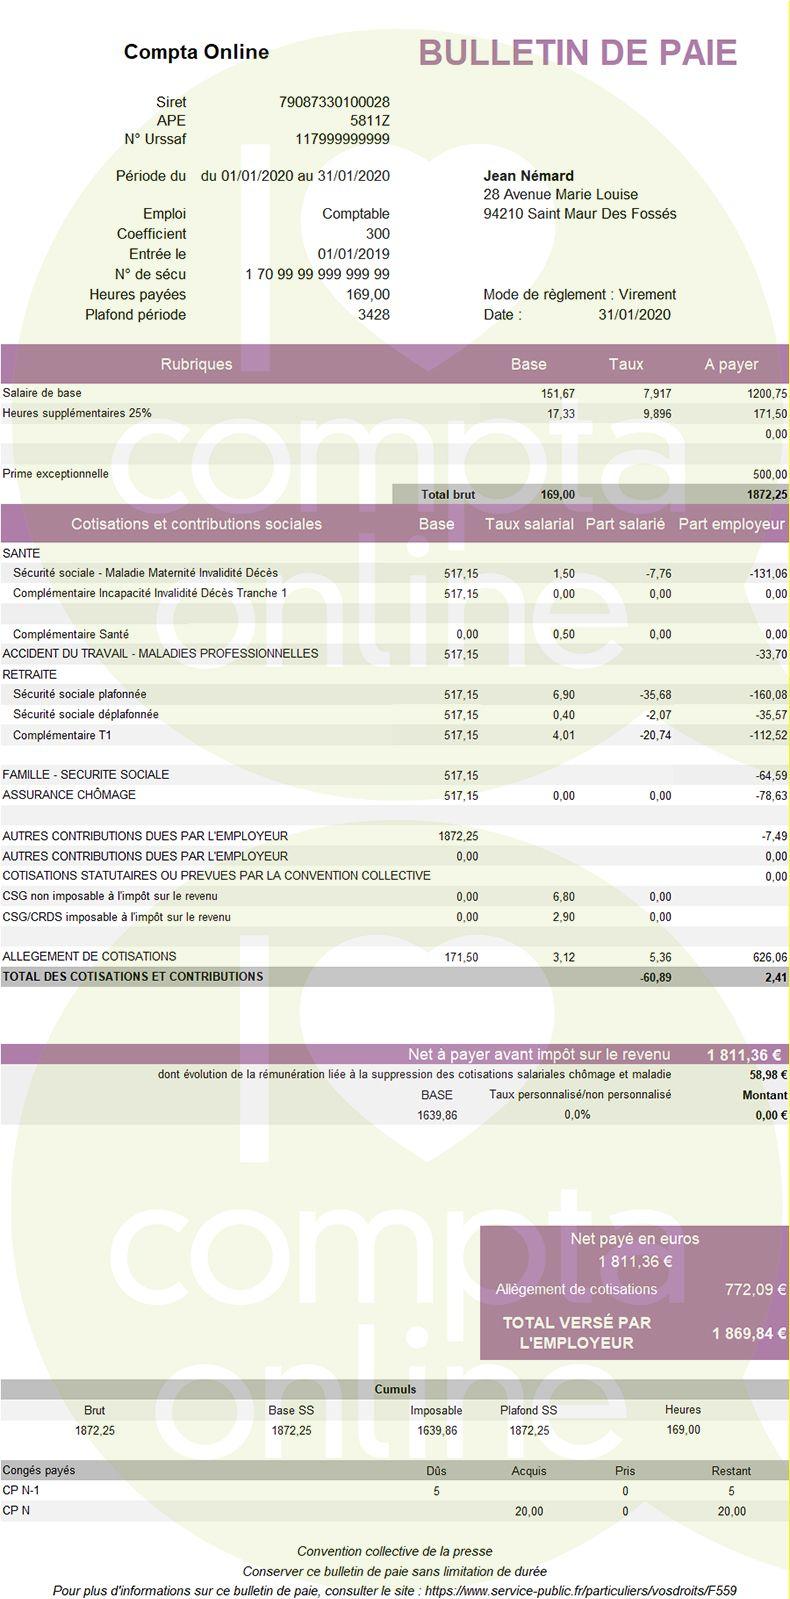 Fiche de paie 2020 d'un apprenti : salaire supérieur à 79% du SMIC